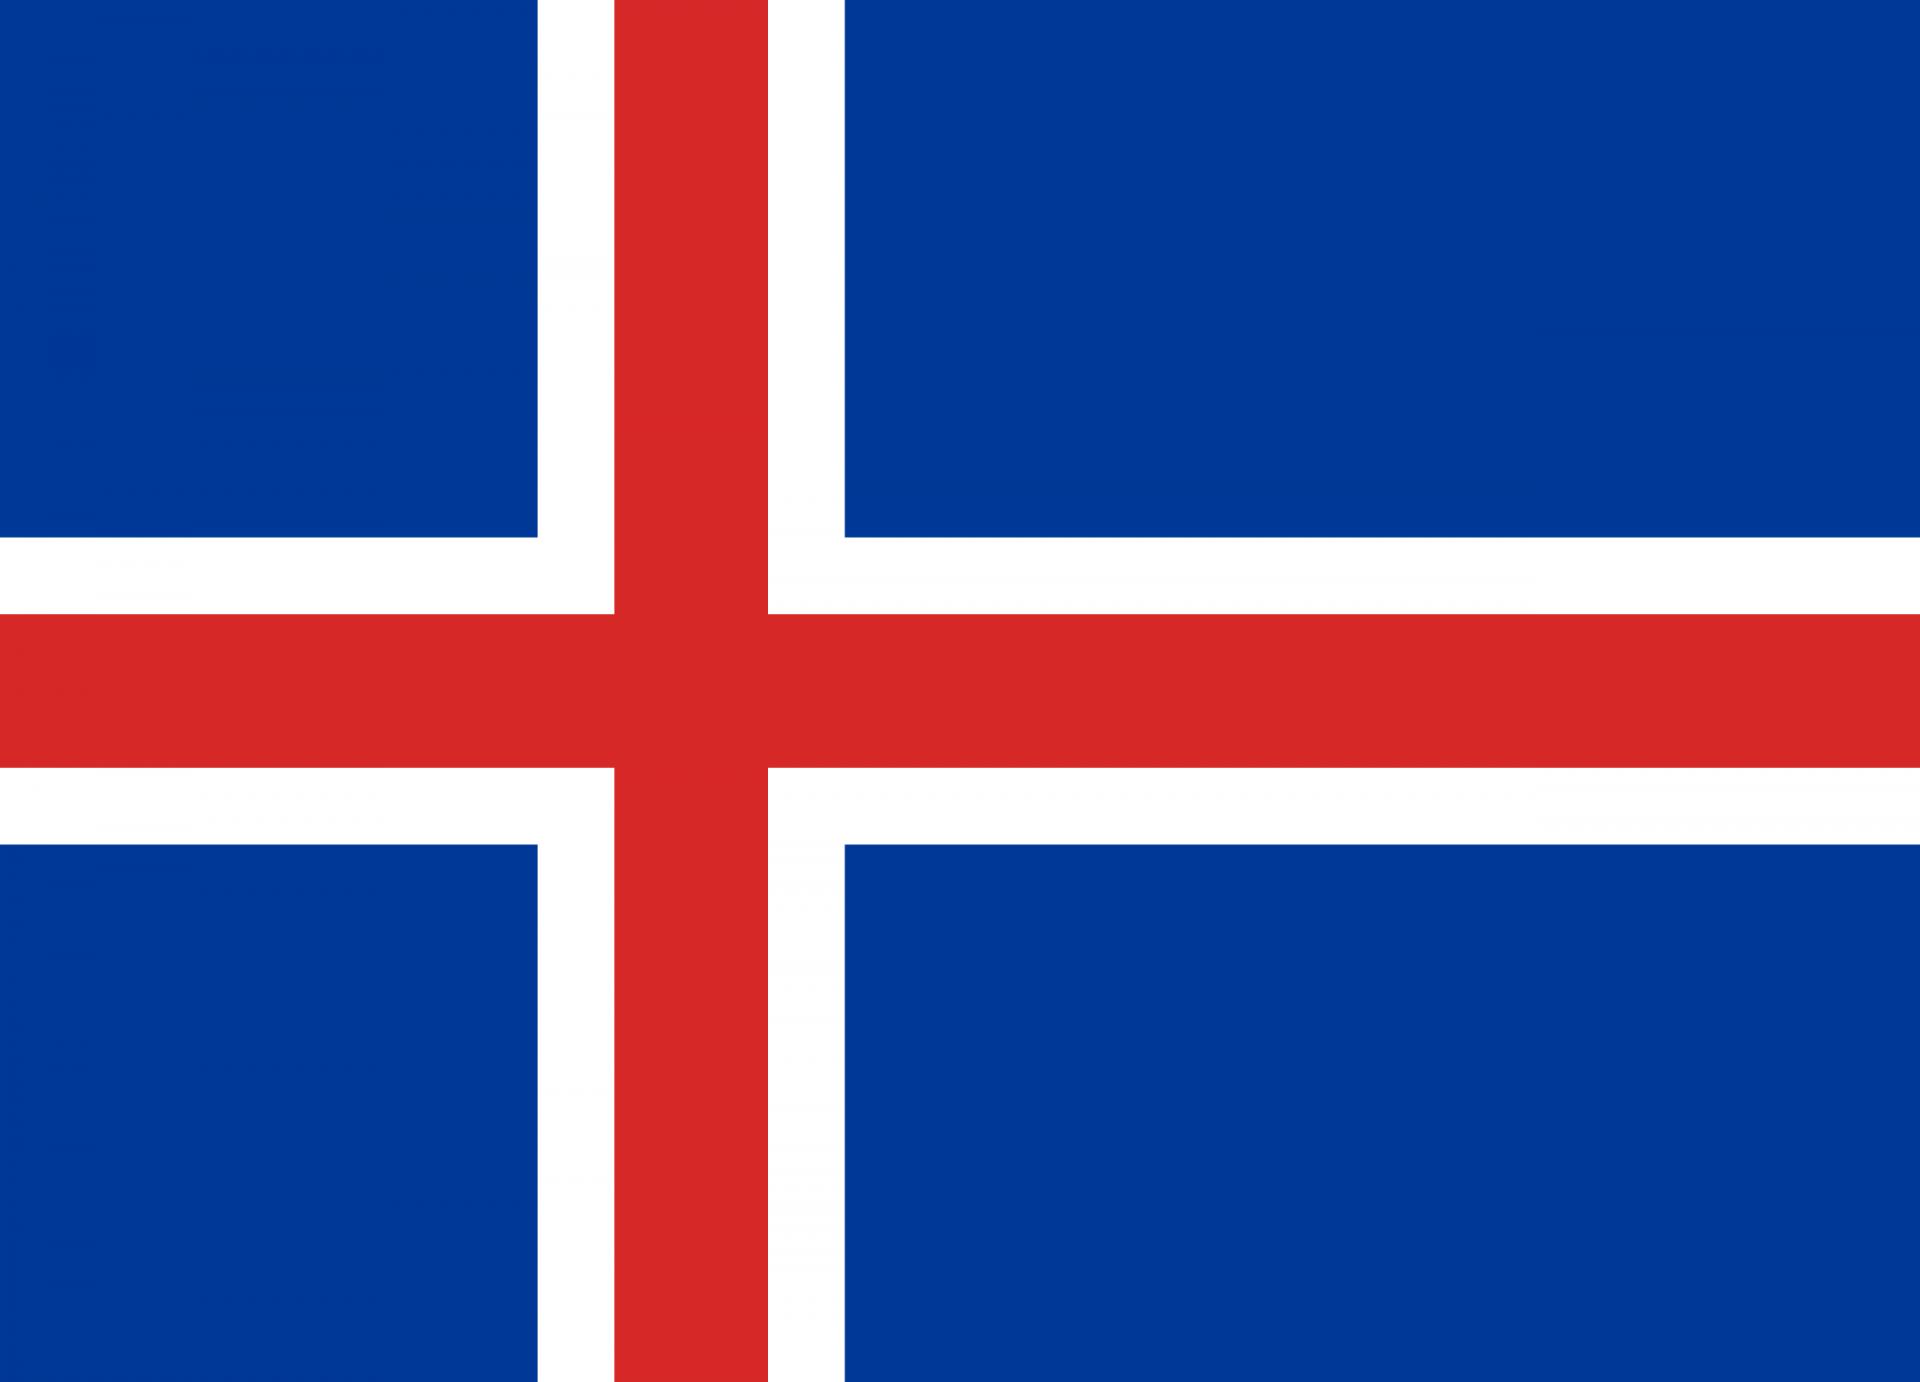 De quel drapeau s'agit-il?